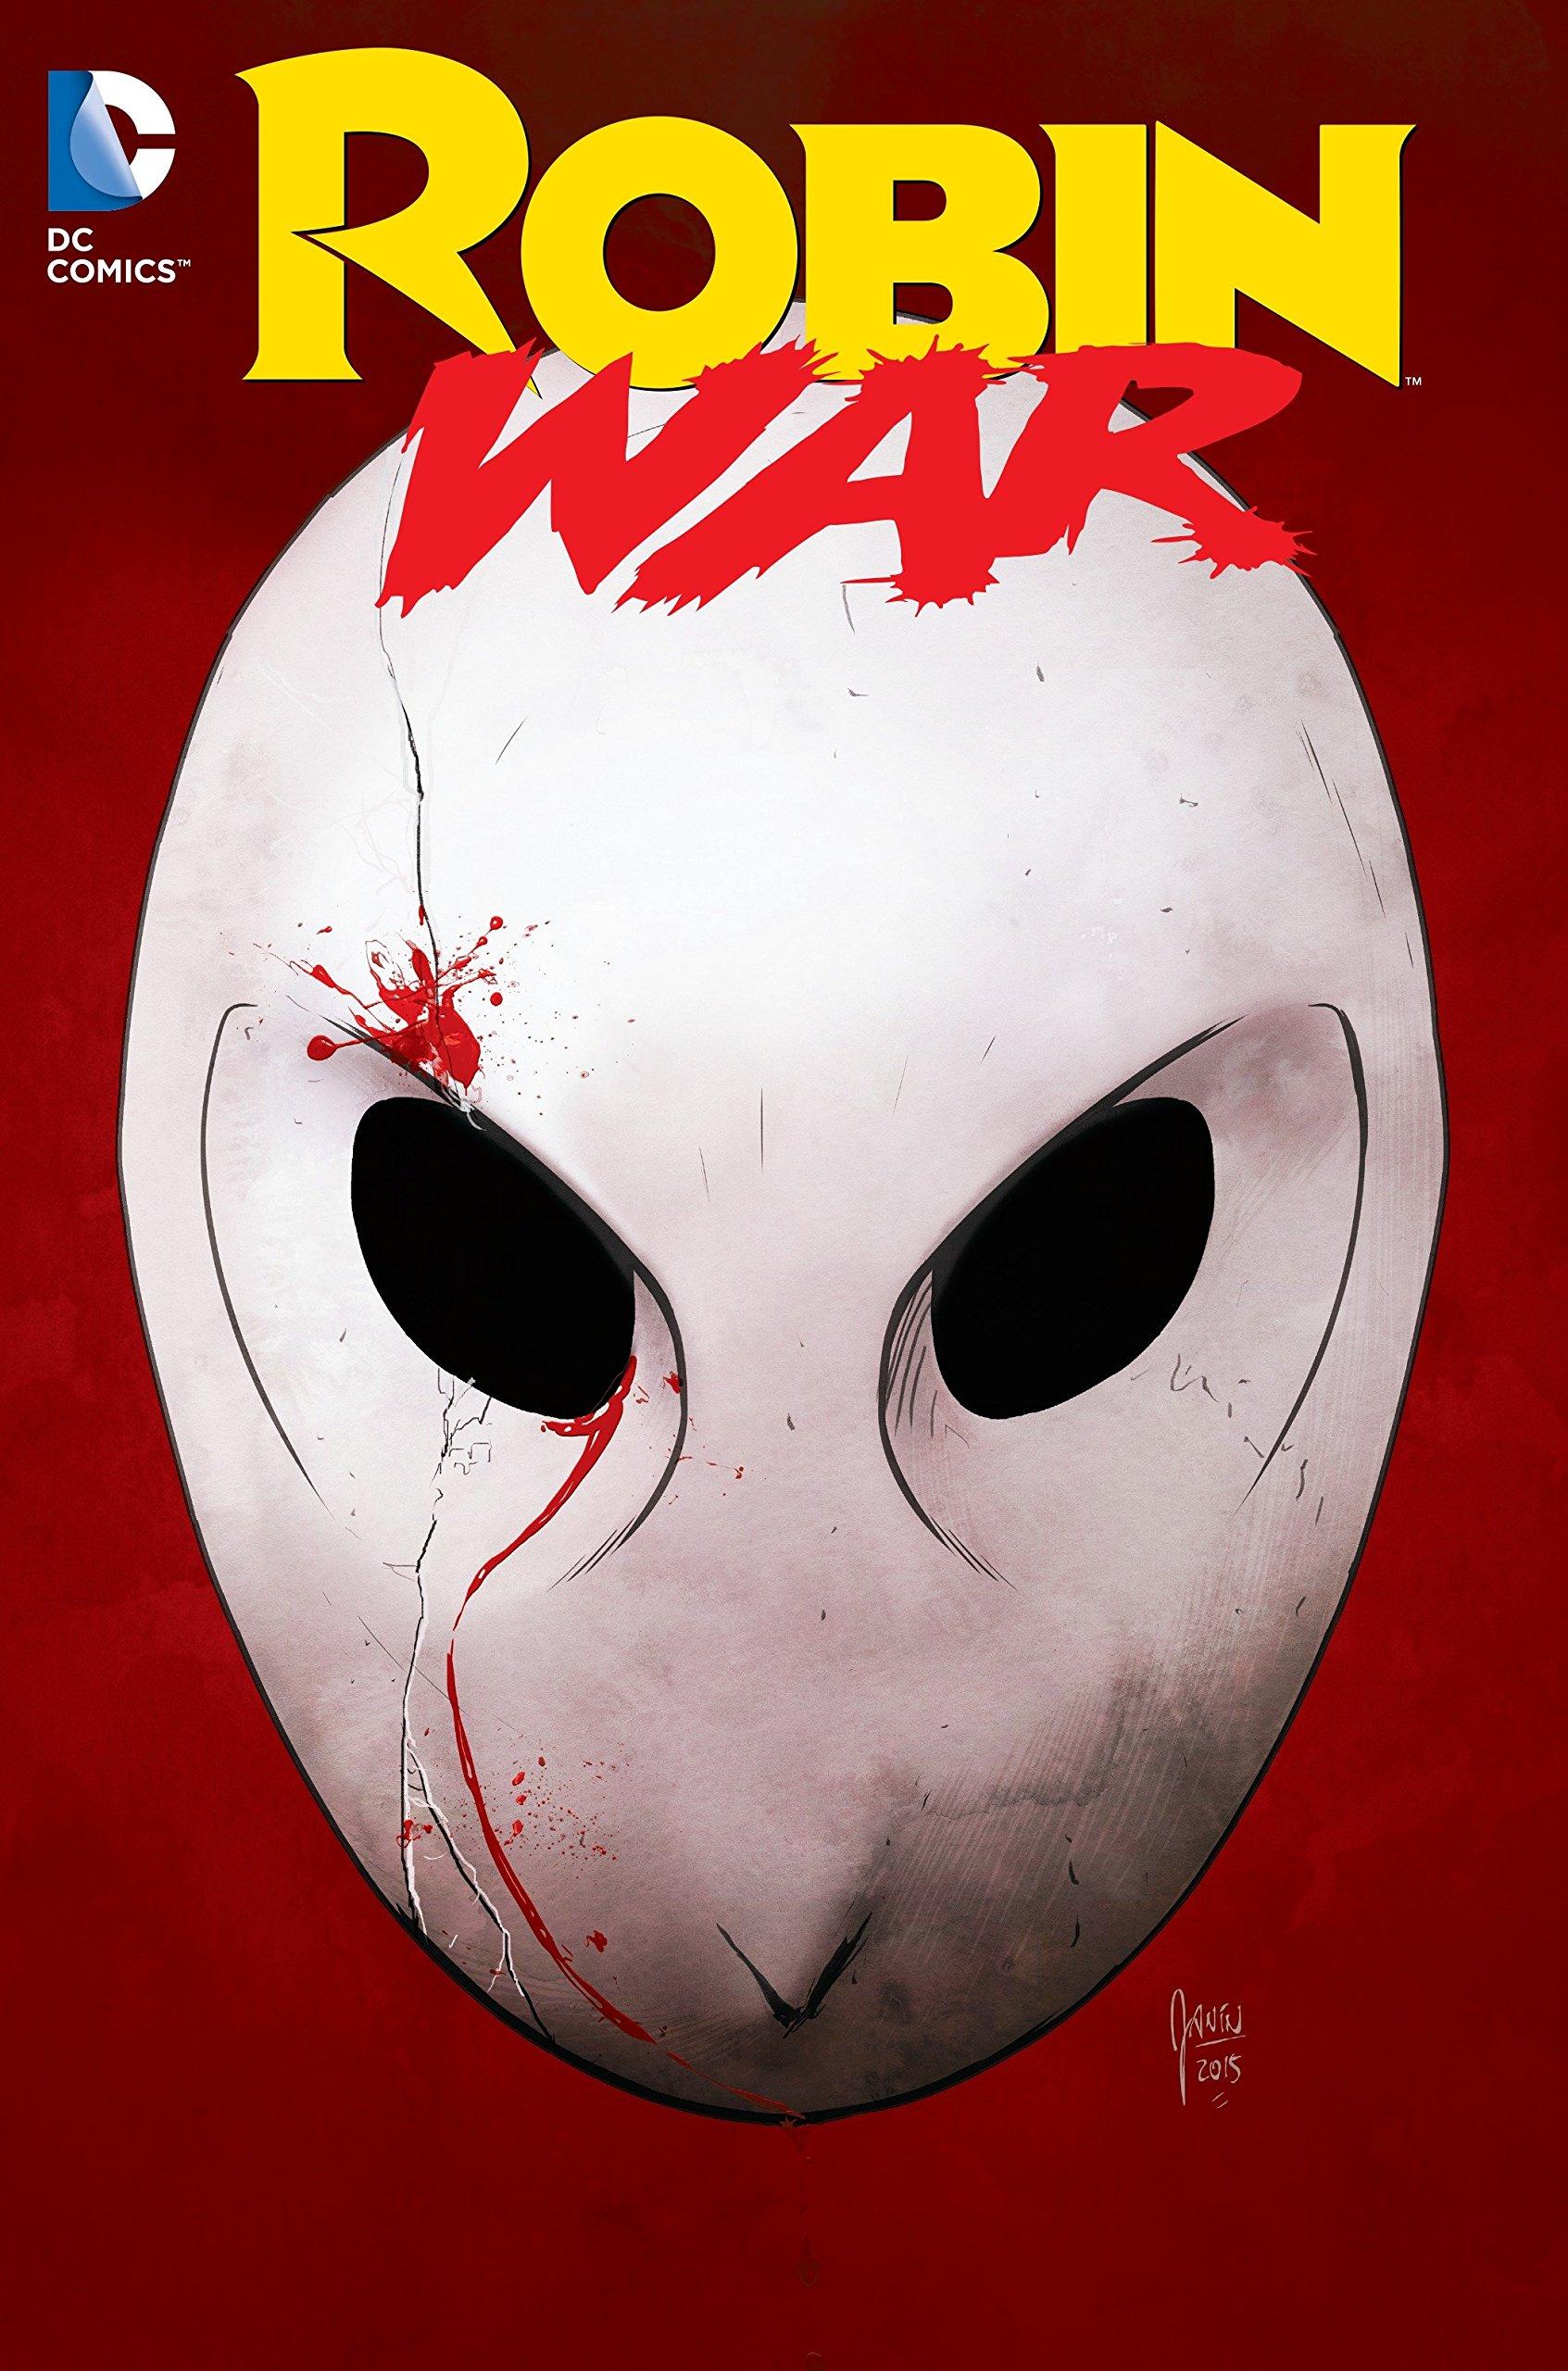 Robin War ebook